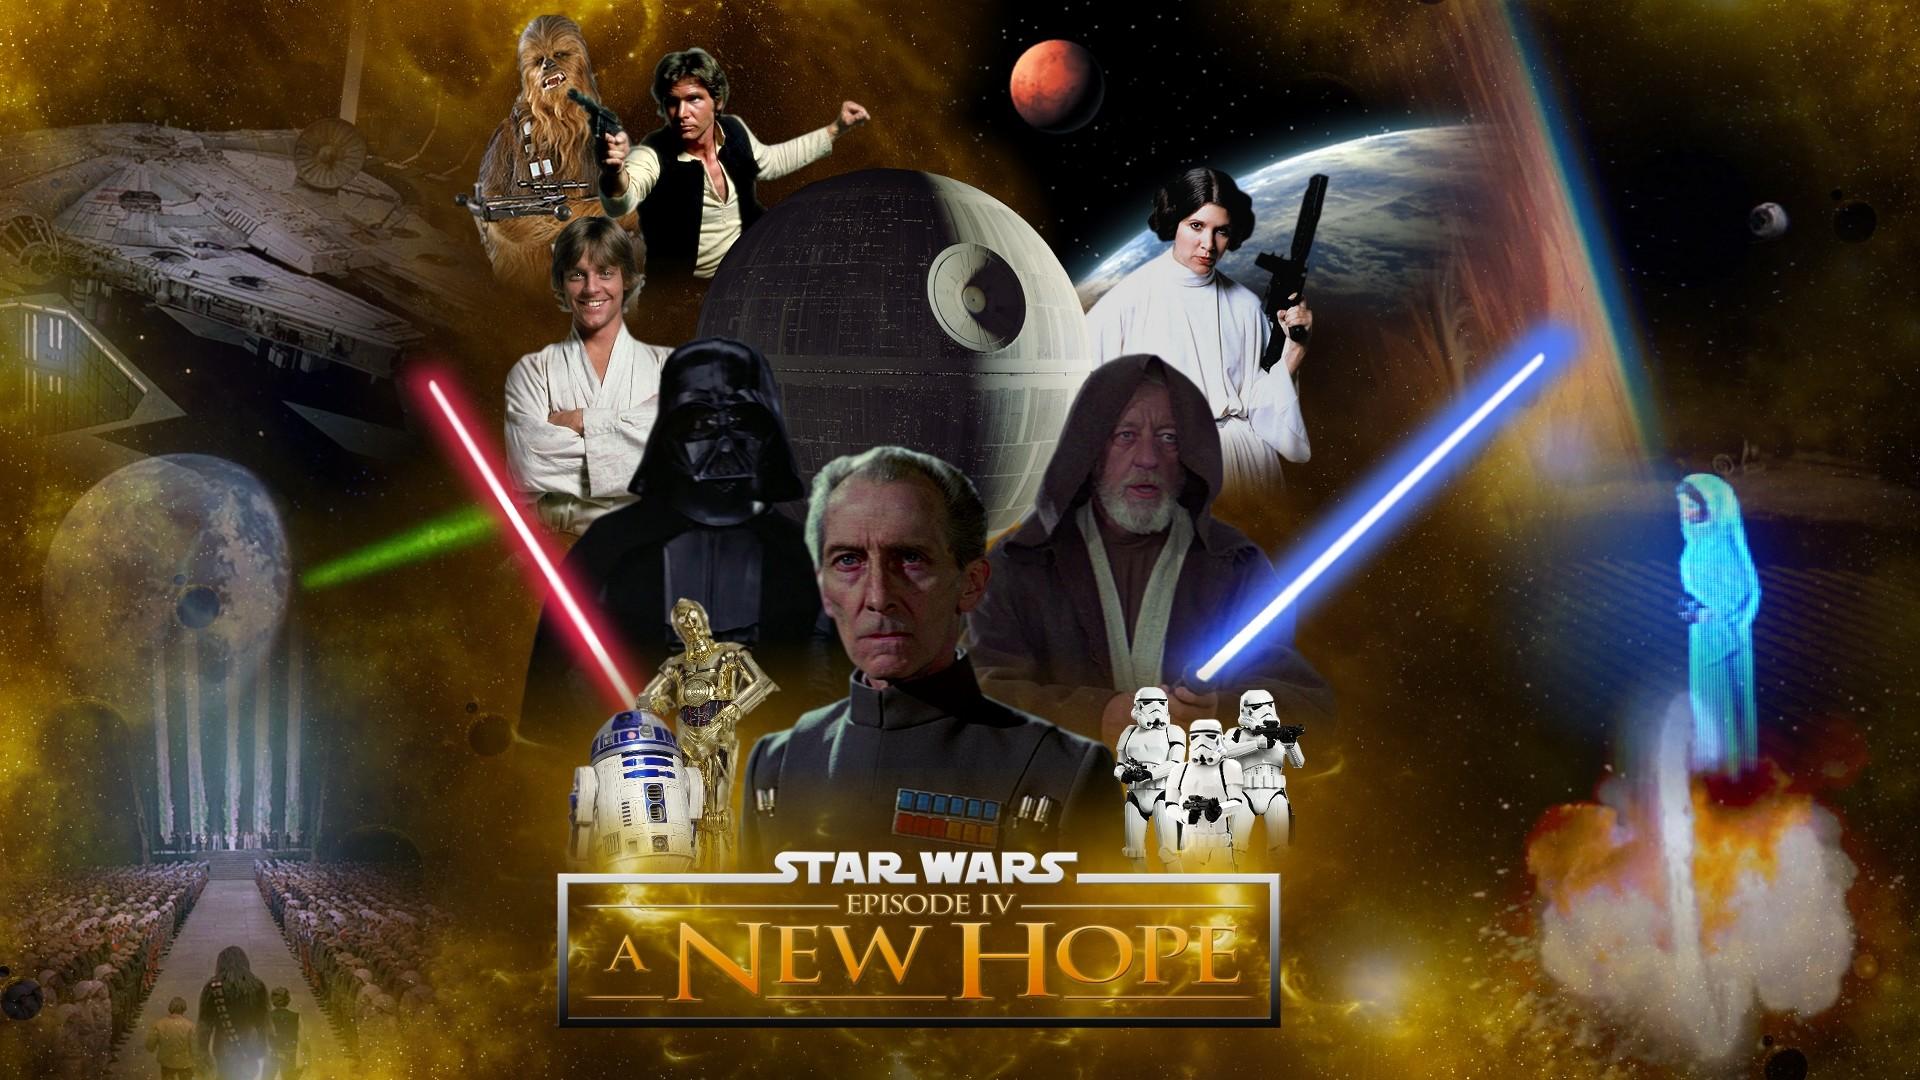 Star Wars Episode 4 Stream Hd